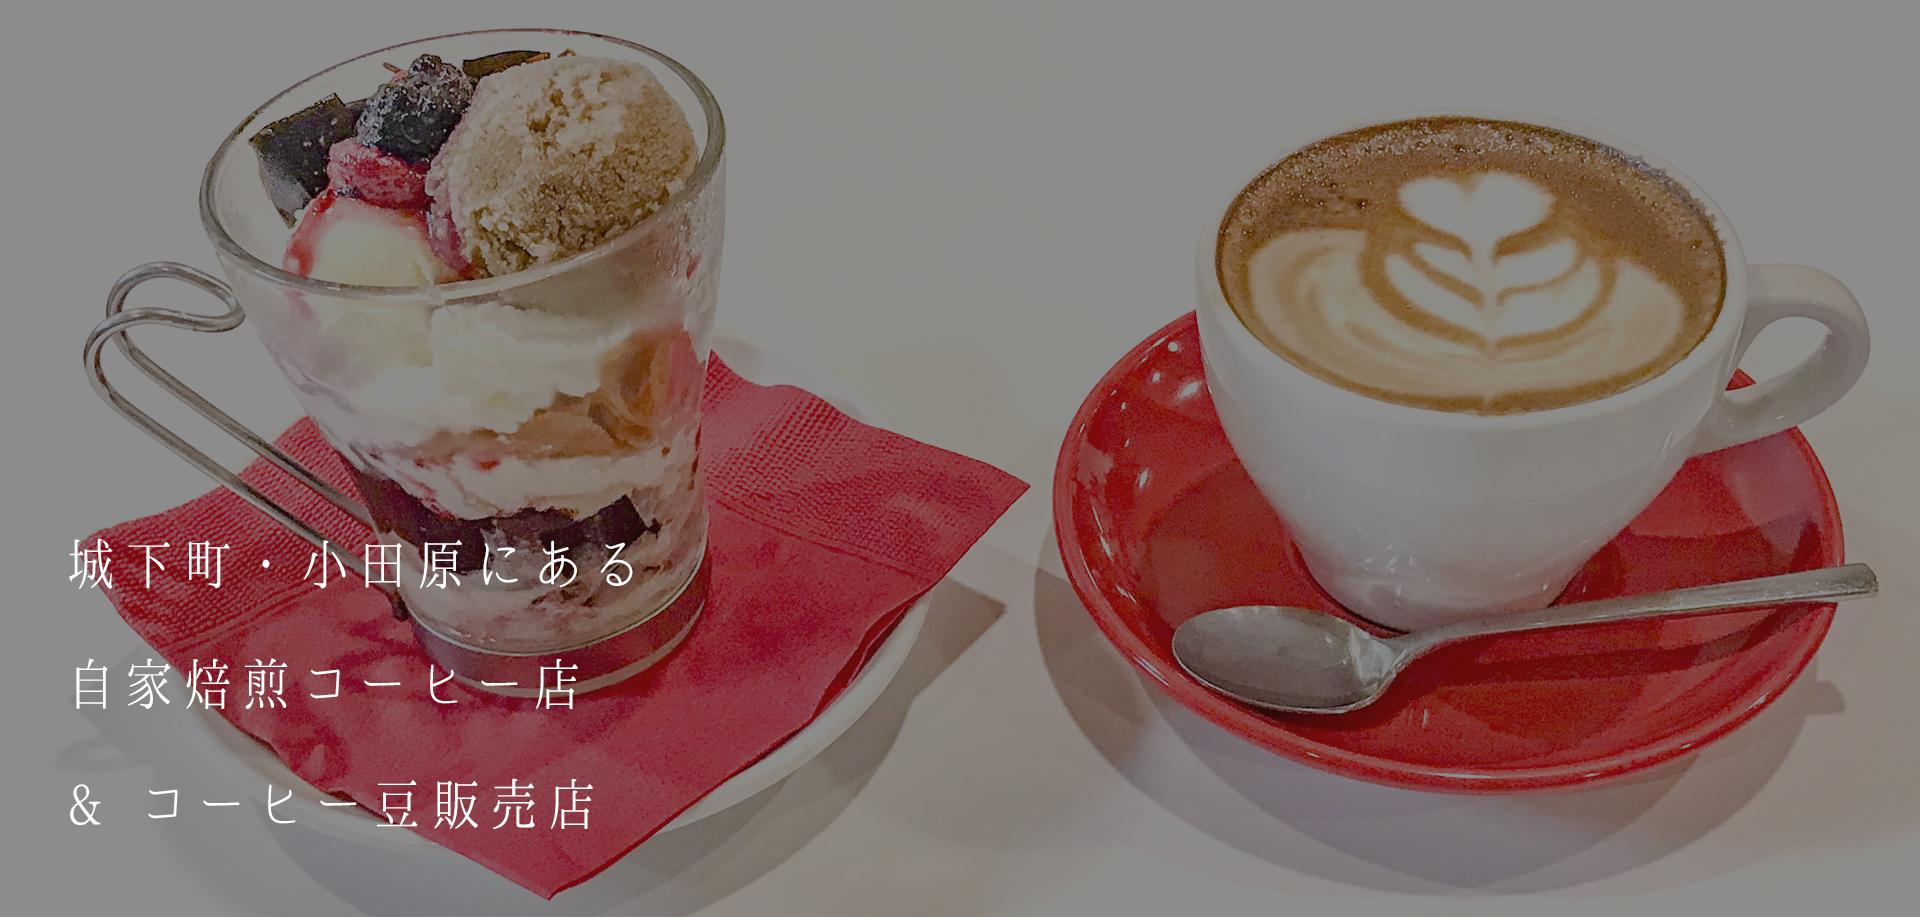 城下町・小田原にある自家焙煎コーヒー店&コーヒー豆販売店